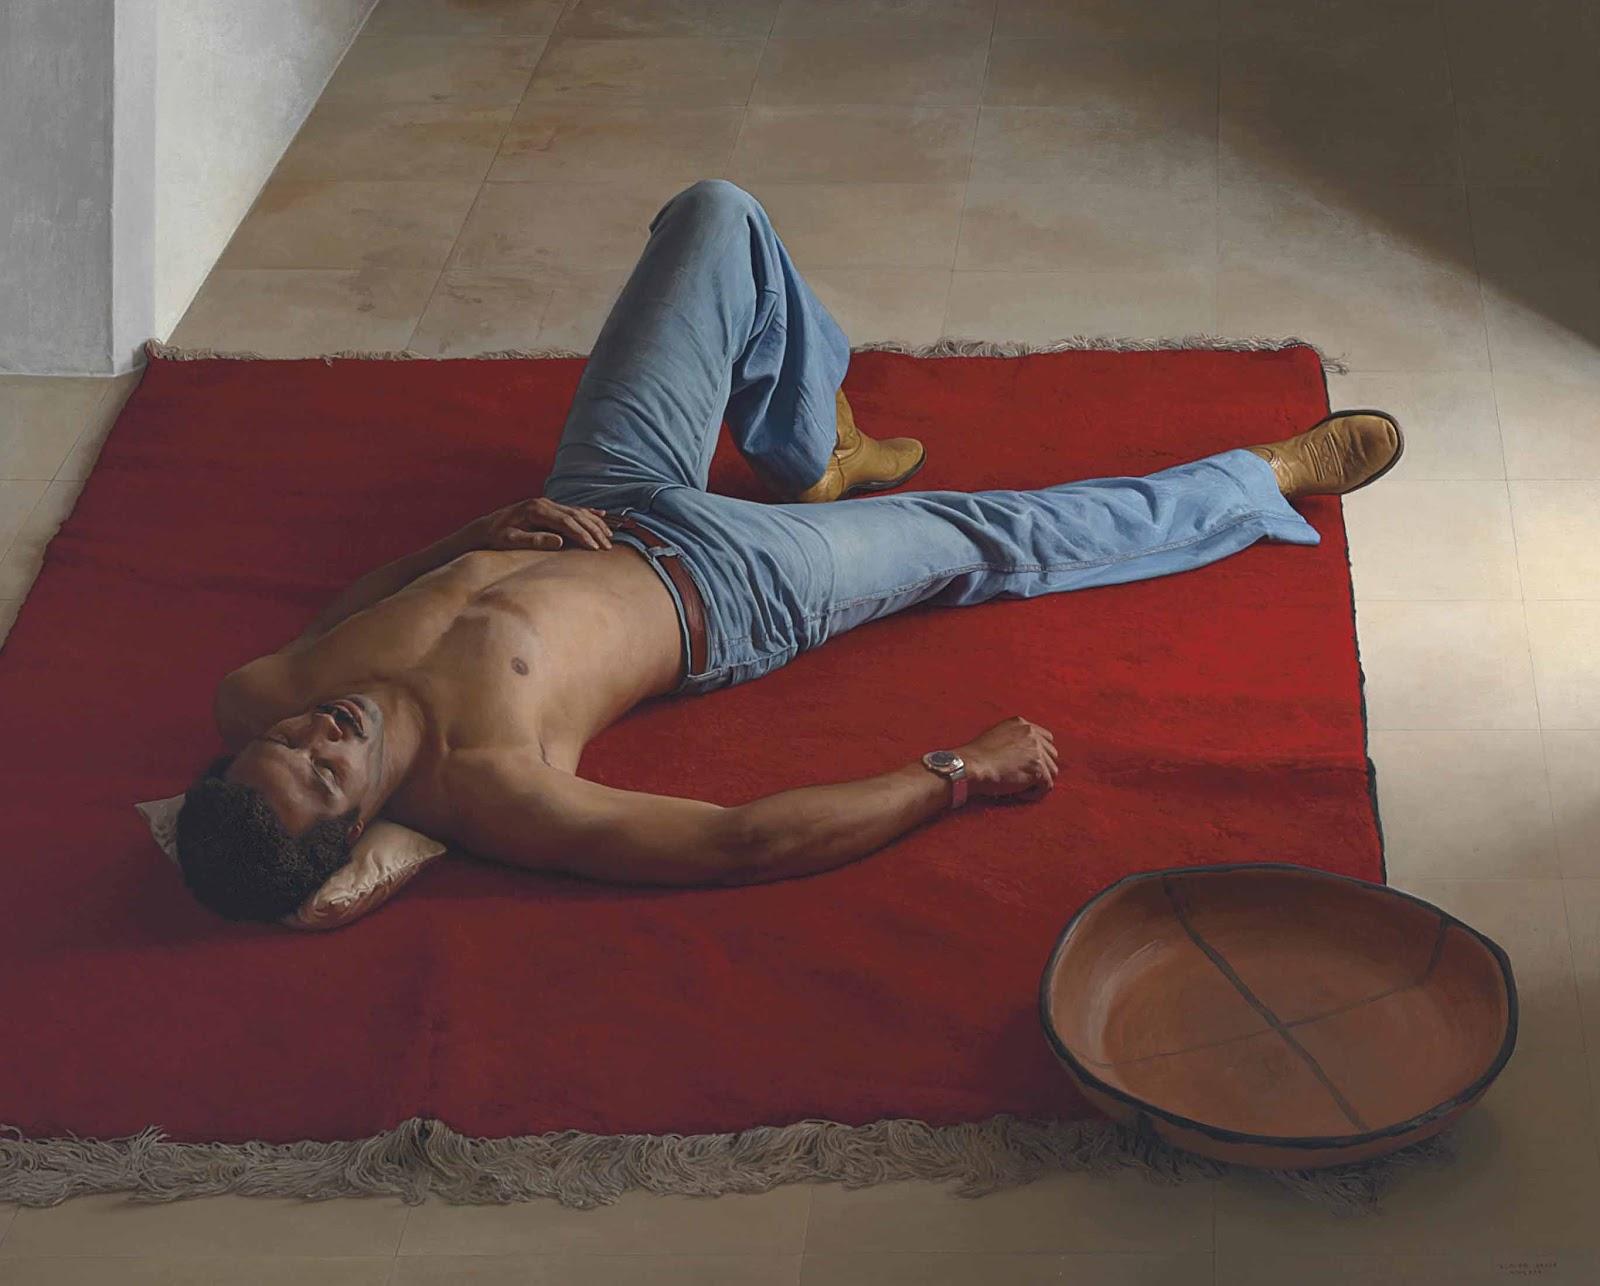 Claudio  ravo Camus Red Carpet